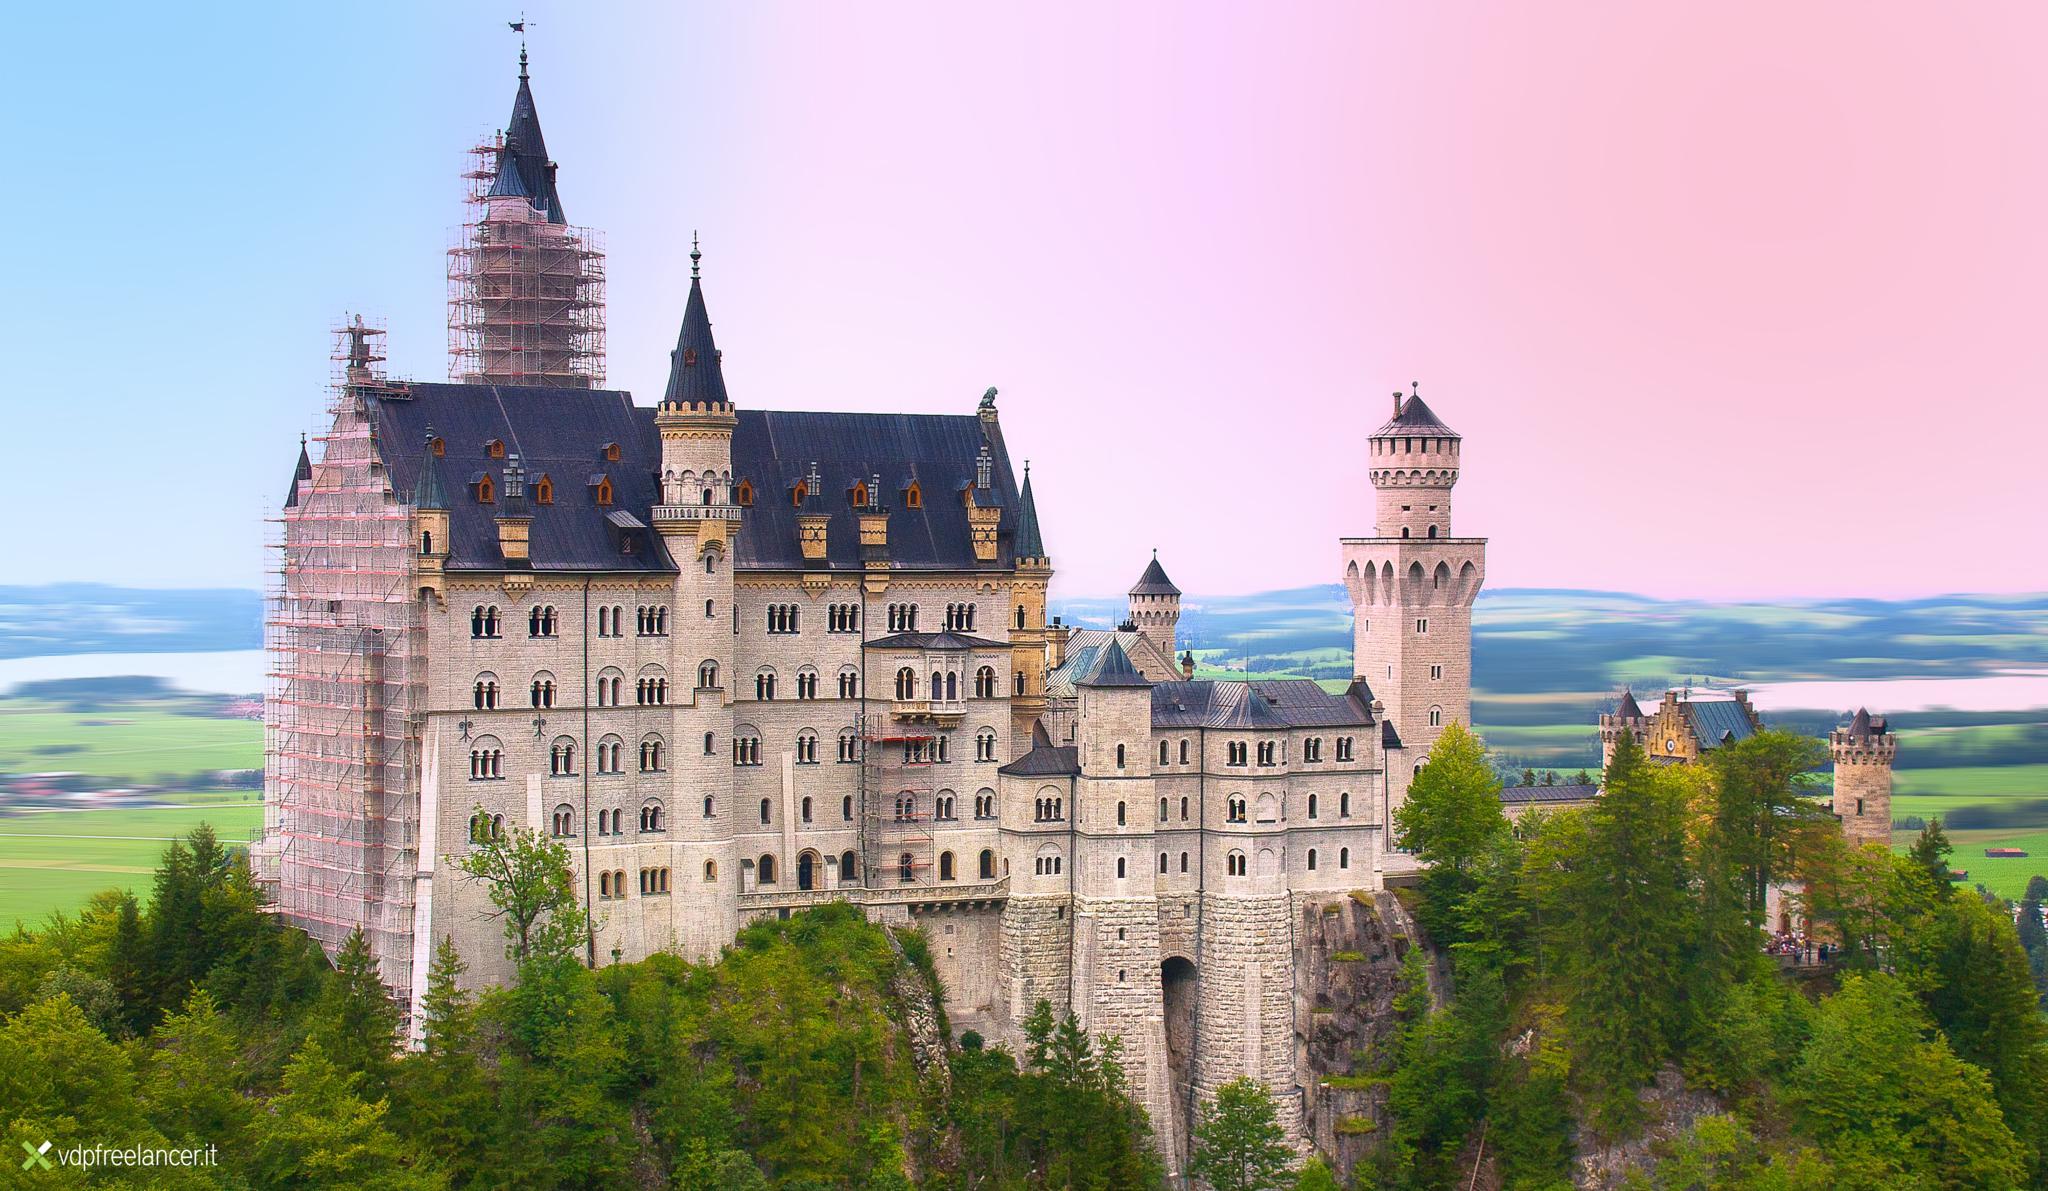 Neuschwanstein Castle by Vittorio Delli Ponti